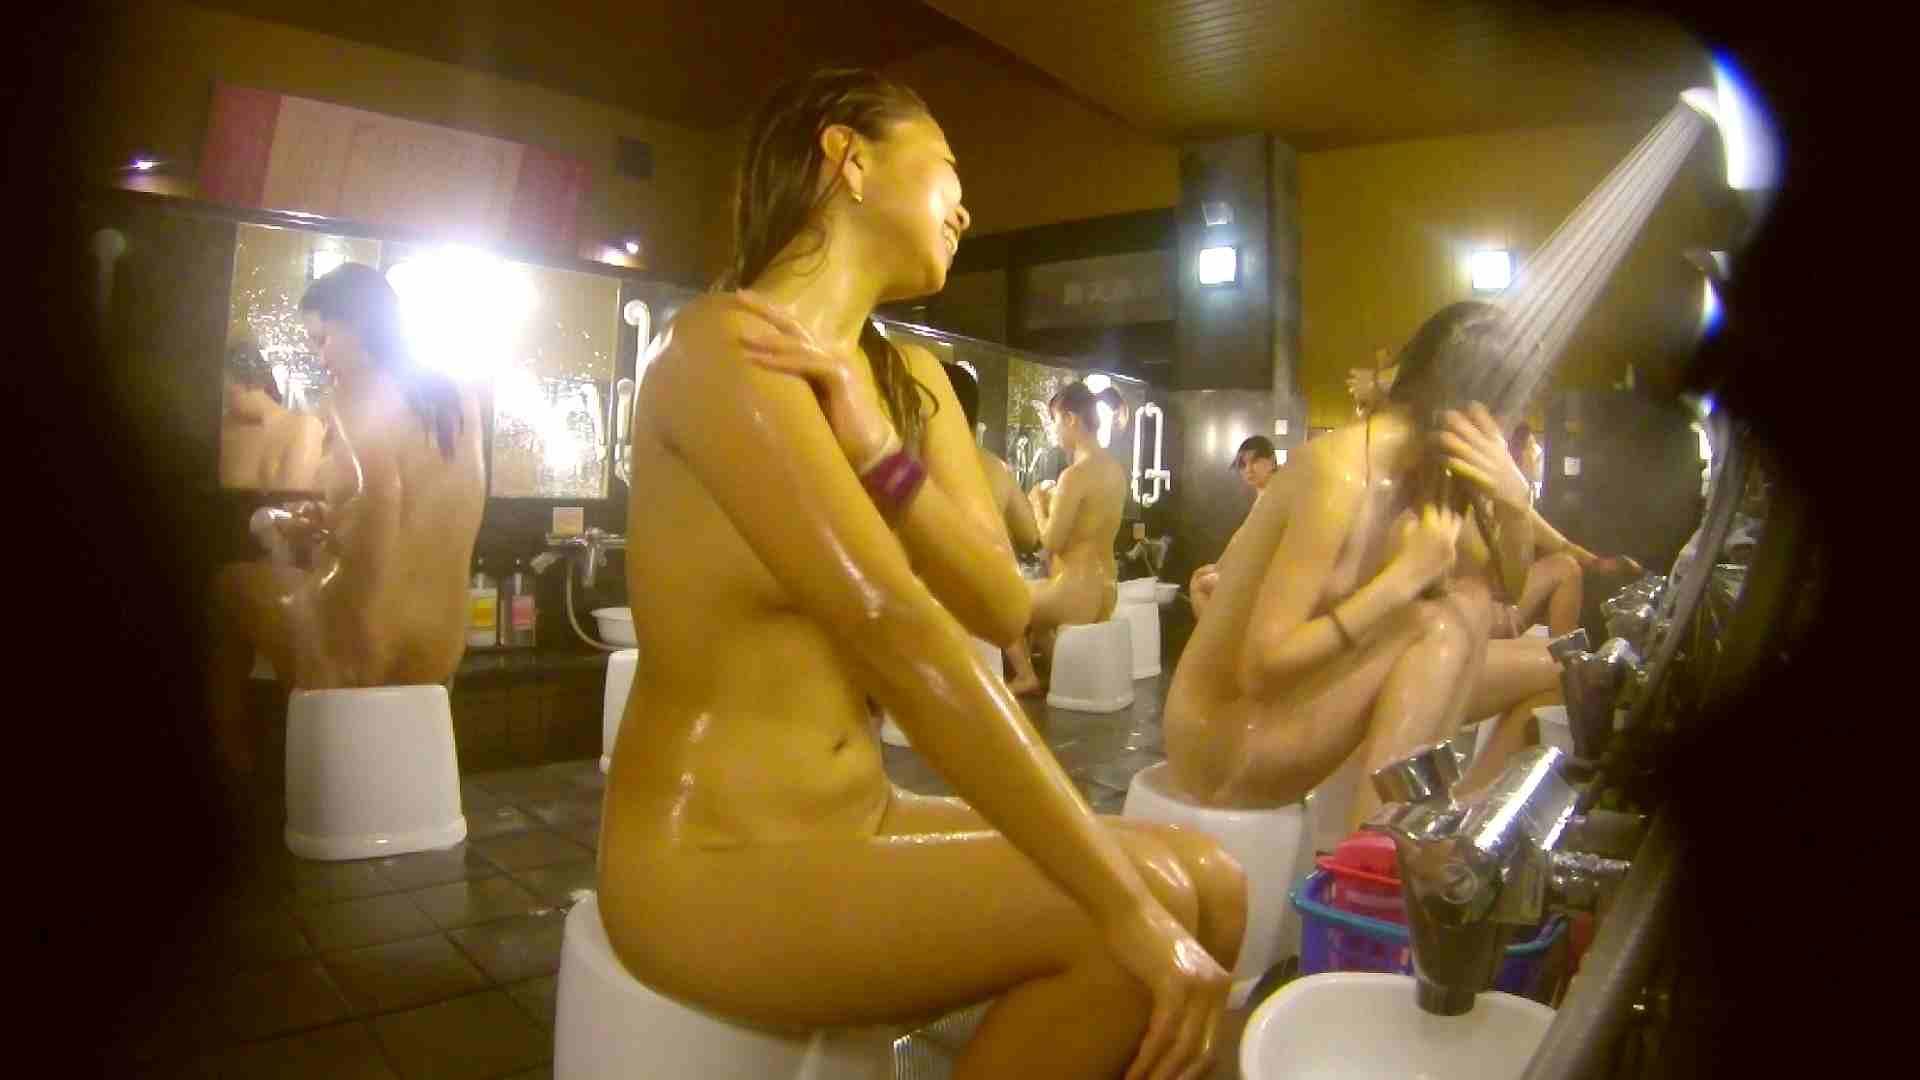 追い撮り!脱衣~洗い場、そして着替え、髪を乾かすまで完全追跡。 女湯のぞき ワレメ動画紹介 84枚 51